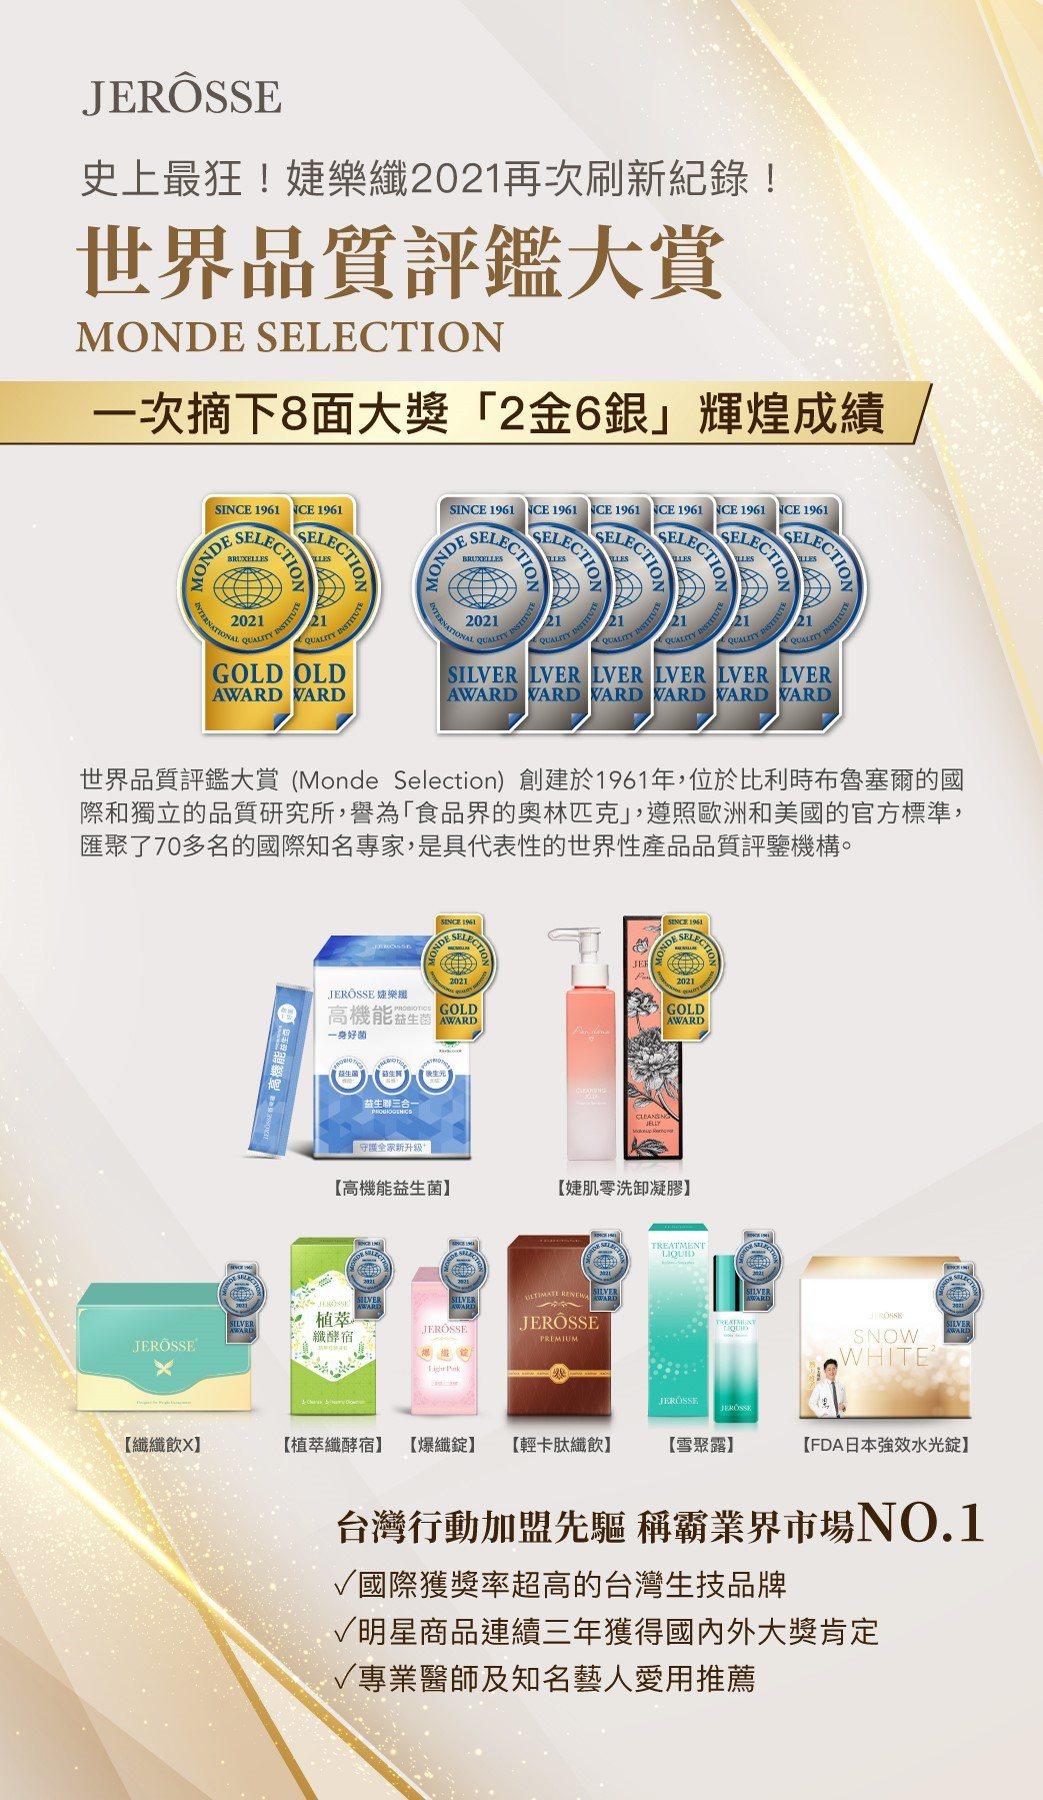 婕樂纖一舉奪得2021世界品質評鑑大賞共8面獎牌好成績。婕樂纖/提供